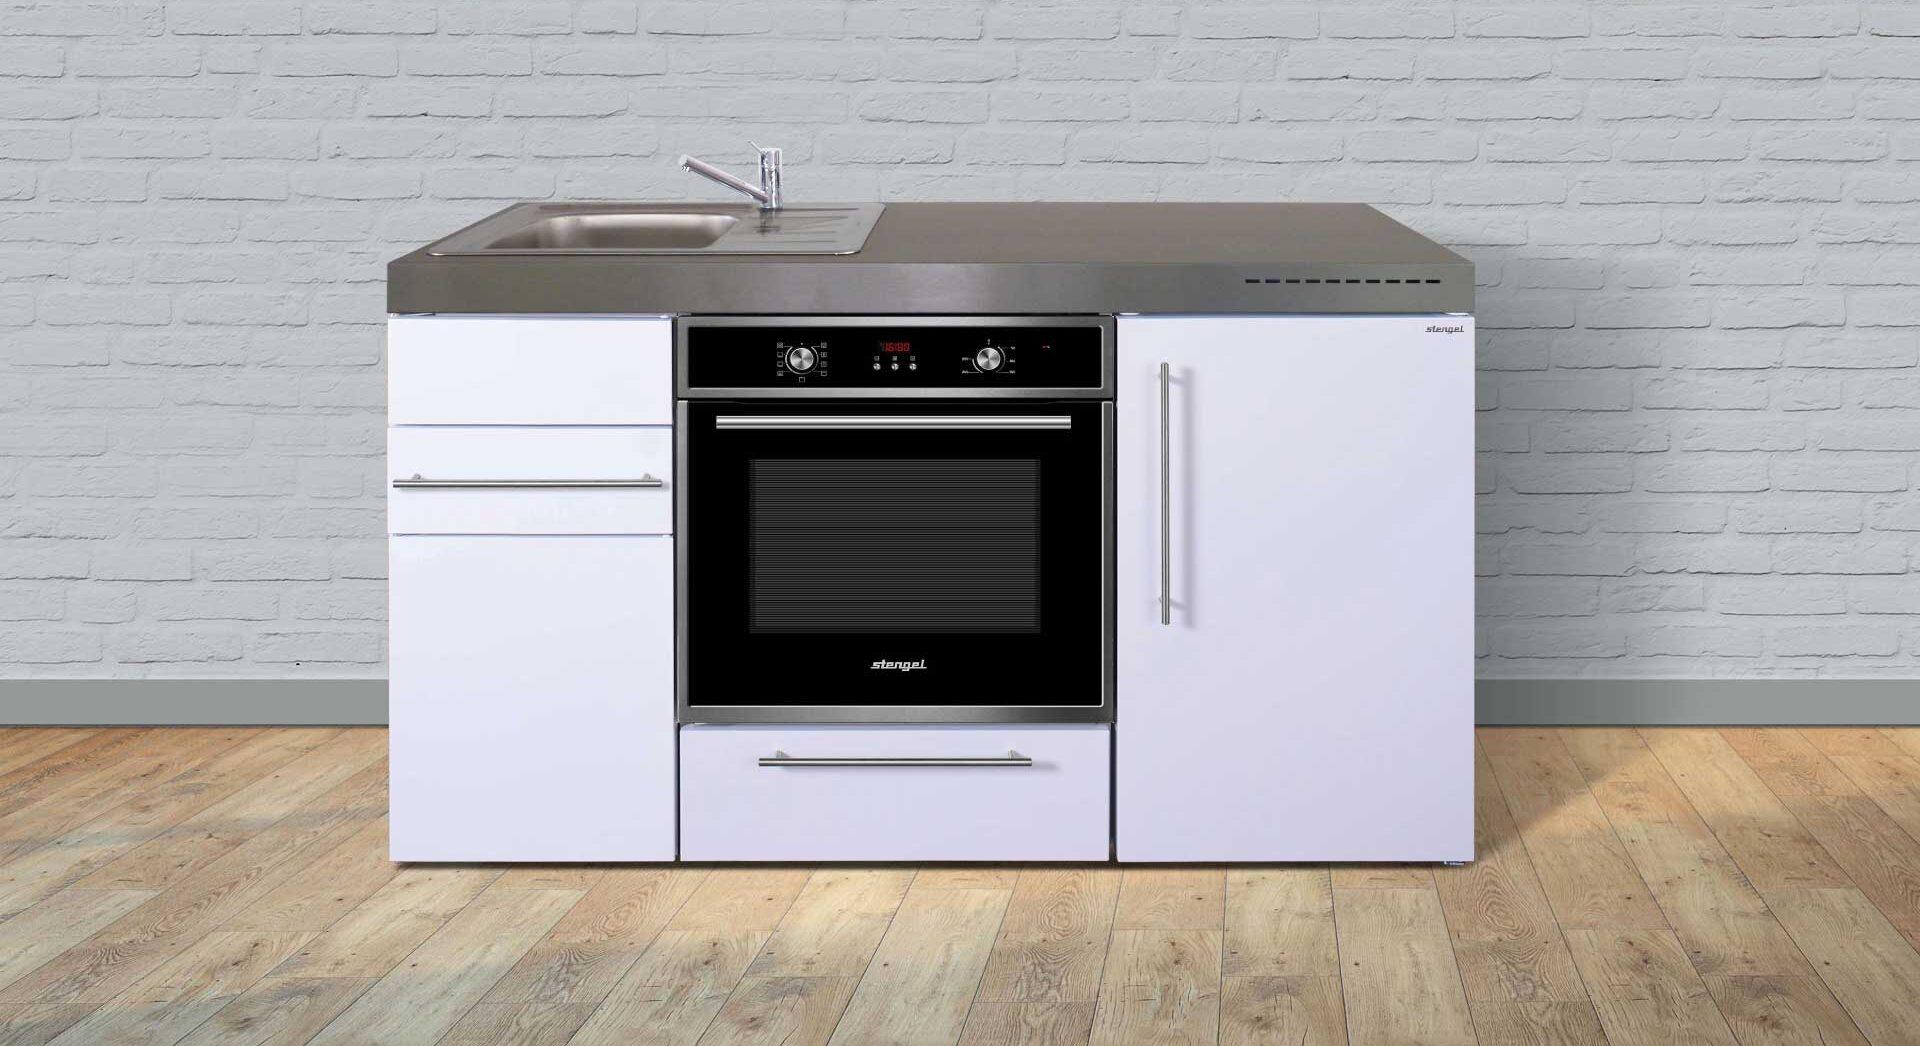 Inspiration, pris og tilbud på minikøkken - miljøvenligt MPB 150 minikøkken med ovn, køleskab m. frys mm. fra Kimbrer Lines, Røjbækvej 3, 9640 Farsø, tlf. 25126789